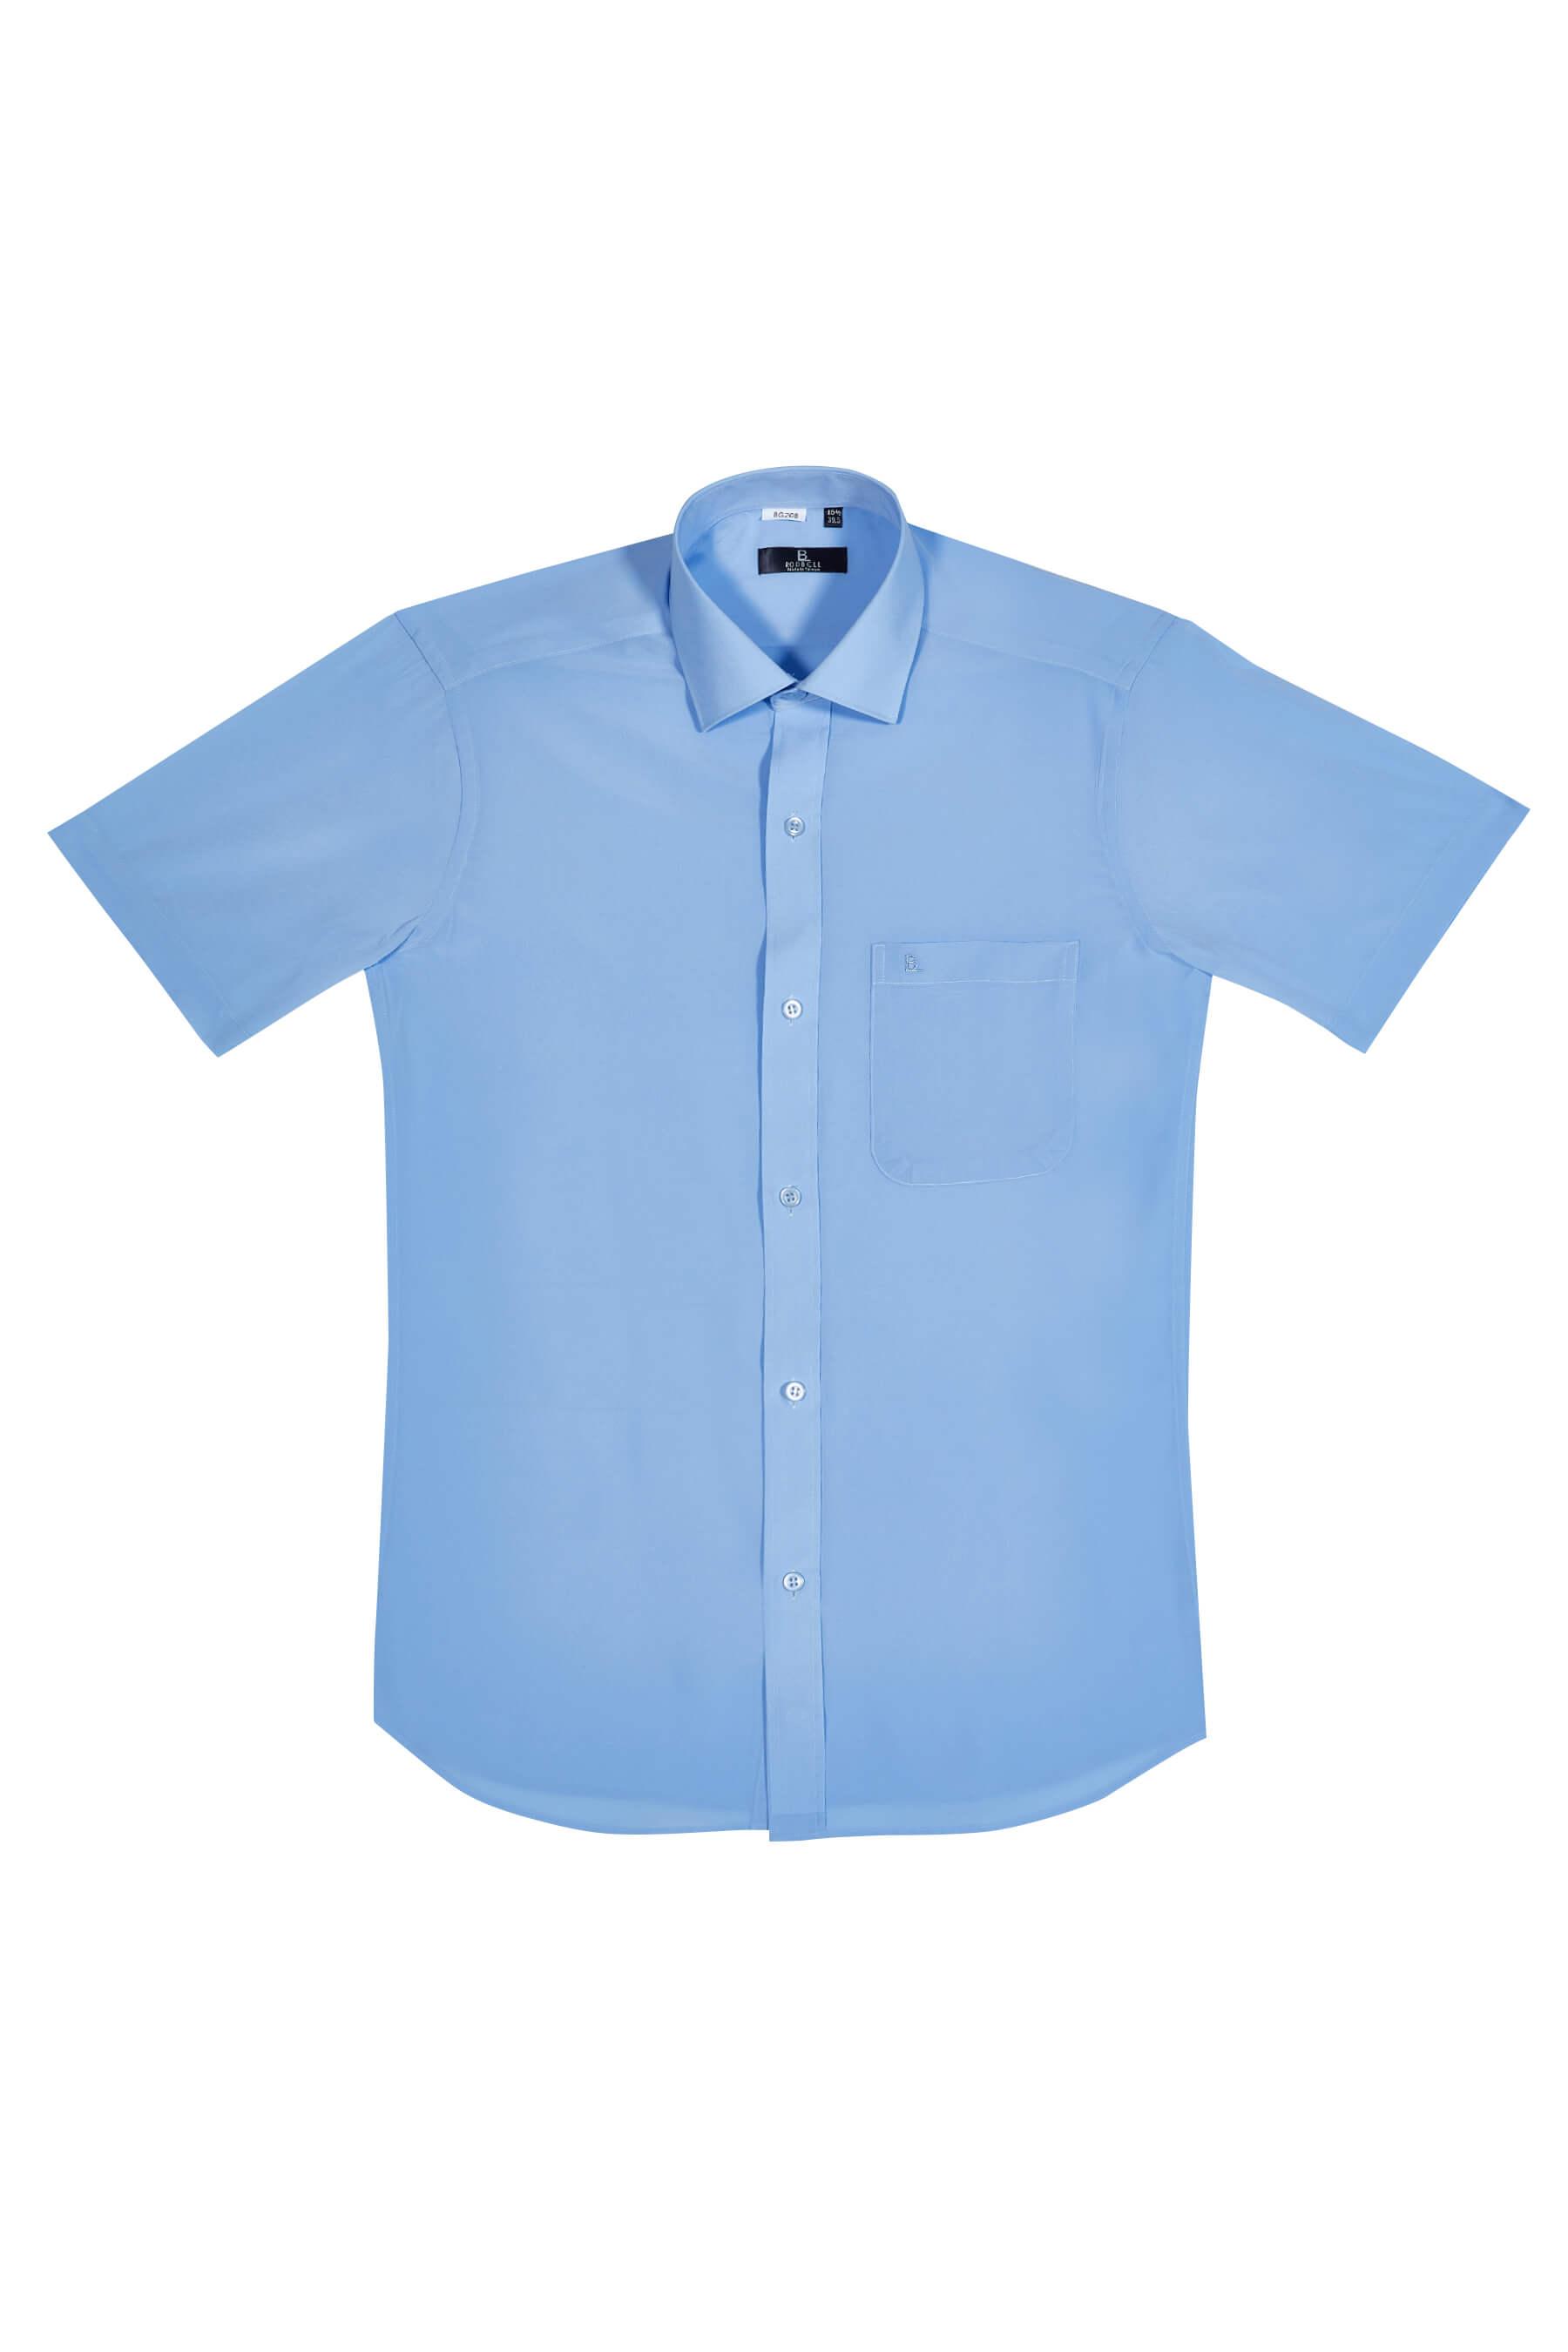 藍色素面短袖襯衫/抗皺 透氣